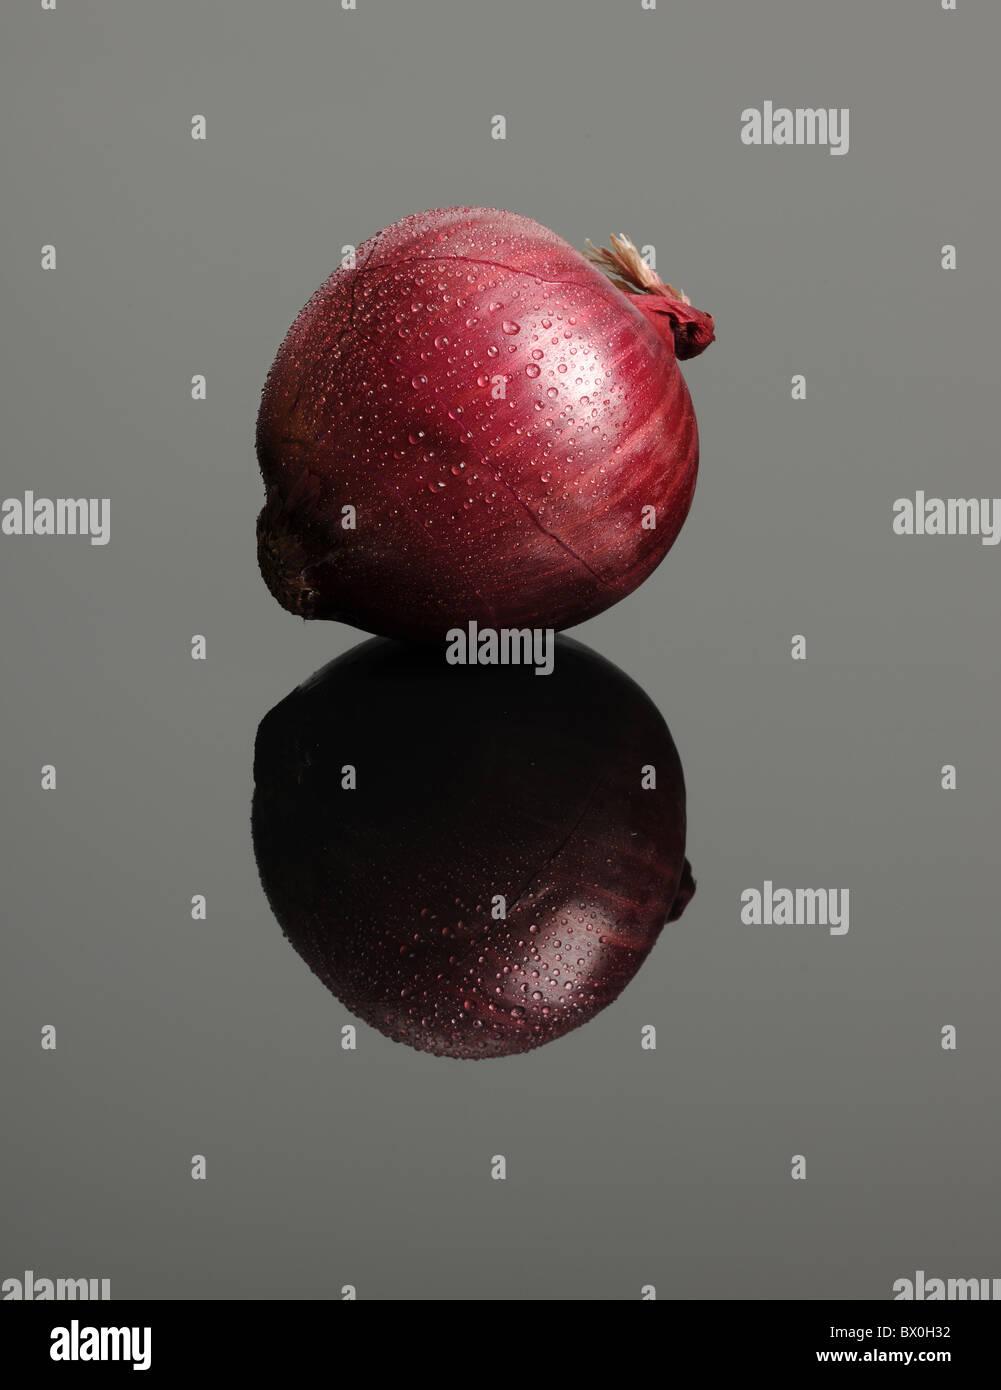 L'oignon rouge avec des gouttelettes de condensation sur table en verre Photo Stock